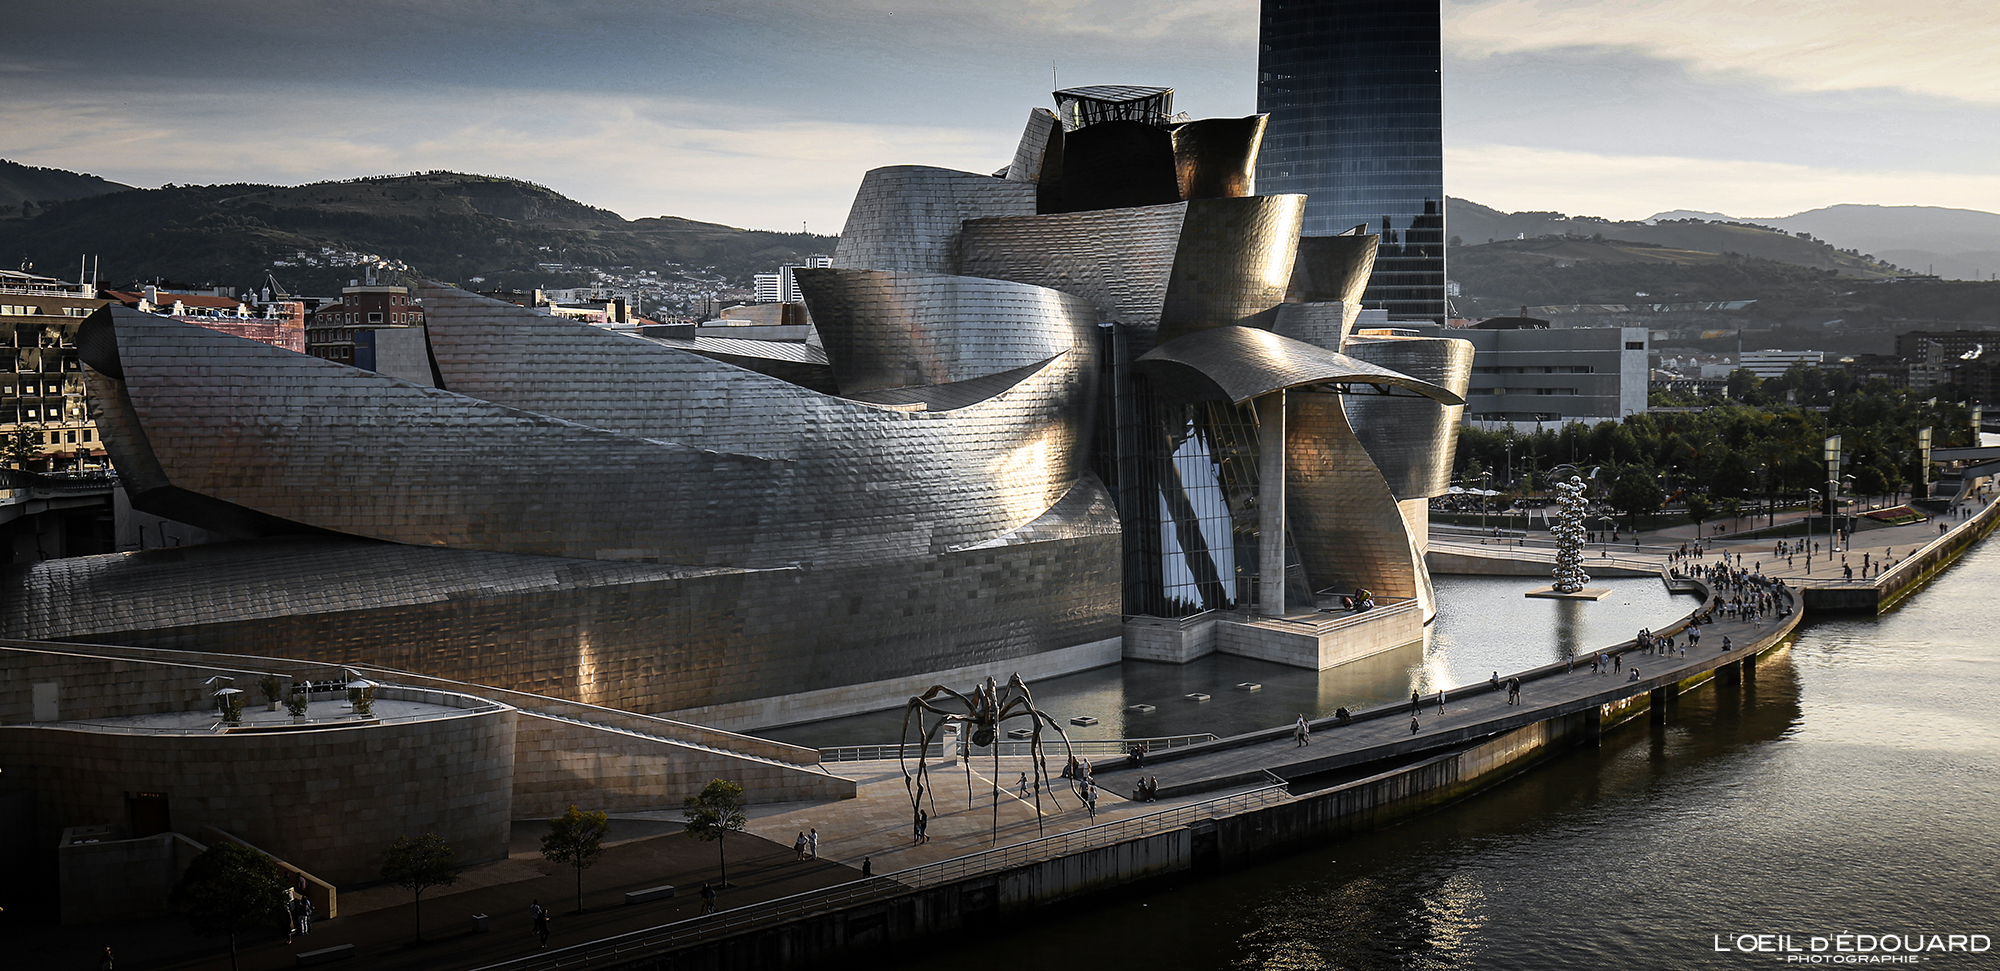 Musée Guggenheim Bilbao © L'Oeil d'Édouard - Tous droits réservés